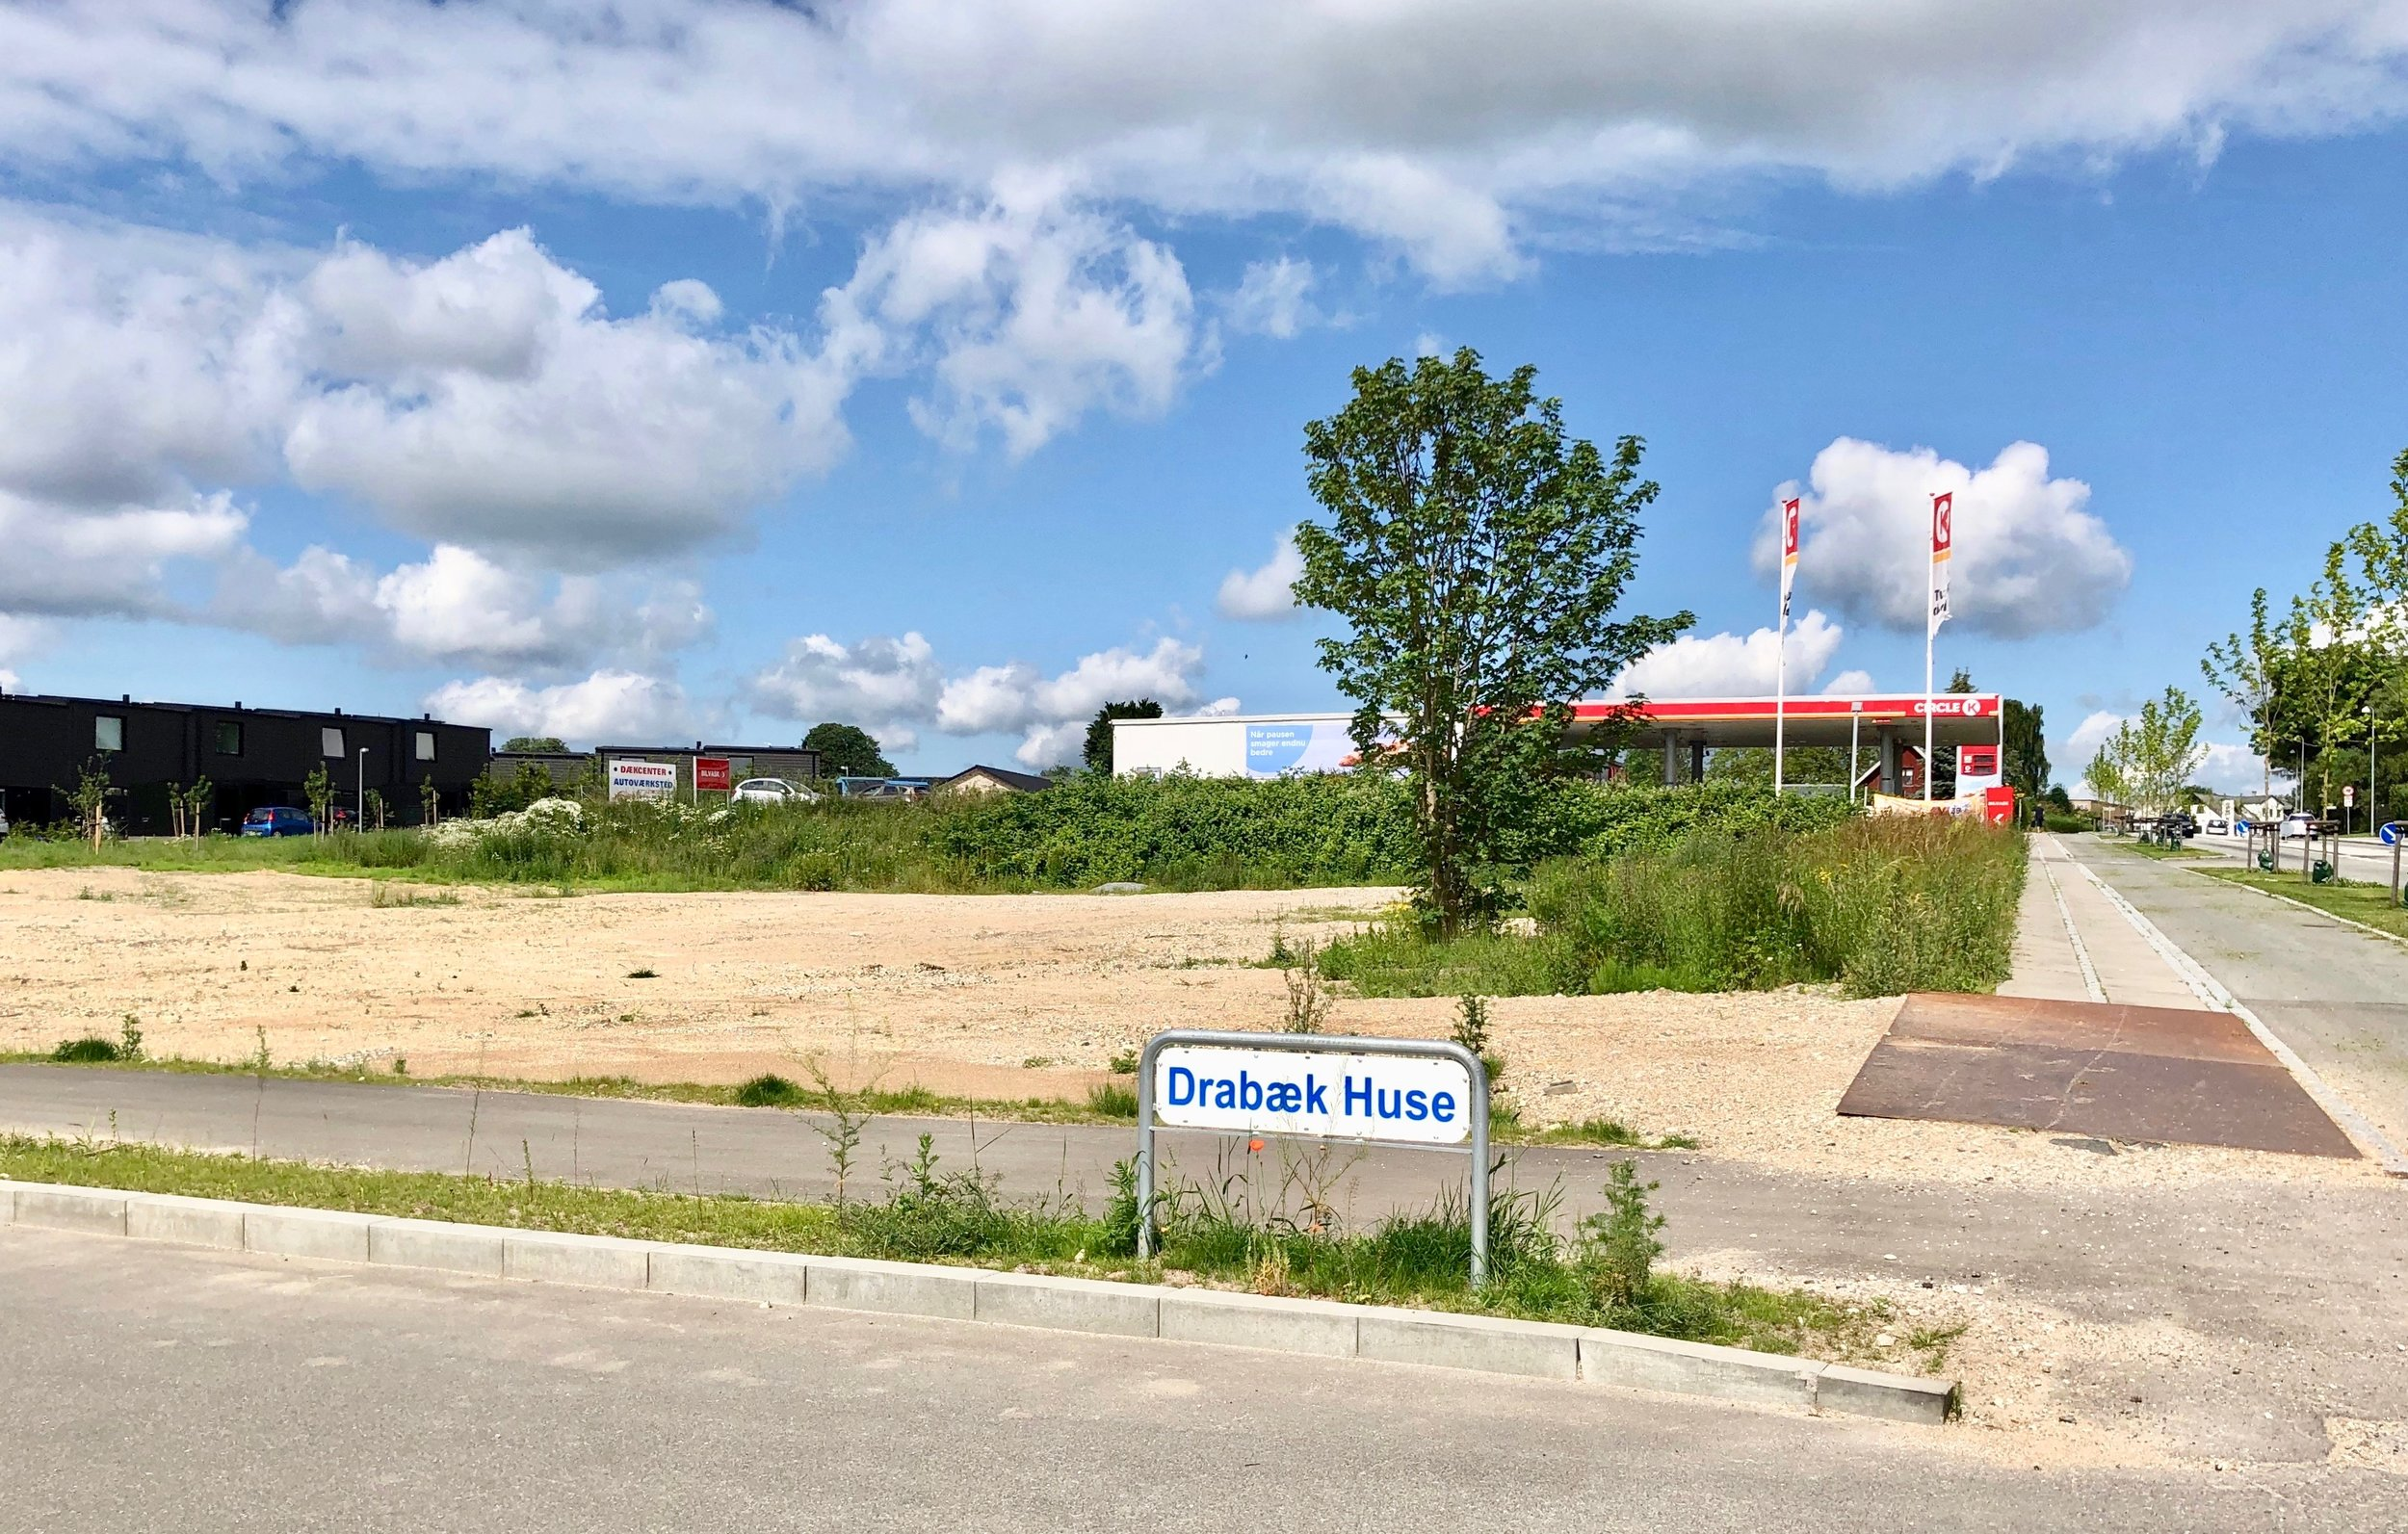 Grundarealet mellem indkørslen til Drabæk Huse og Circle K ligger goldt og ødet hen. Foto: AOB